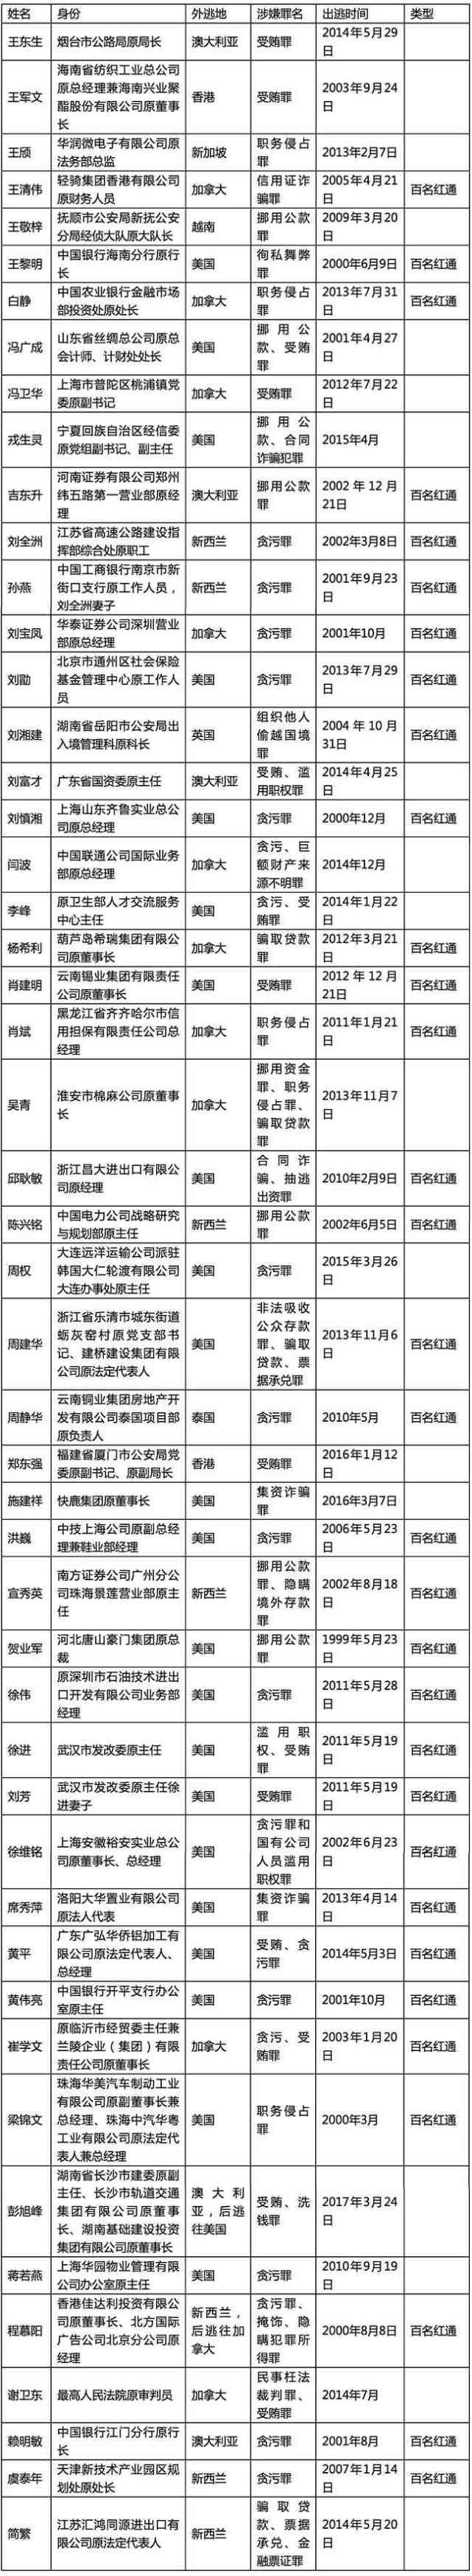 澳门新葡京电子游艺:中央追逃办为啥选择公布这50个外逃人员线索?